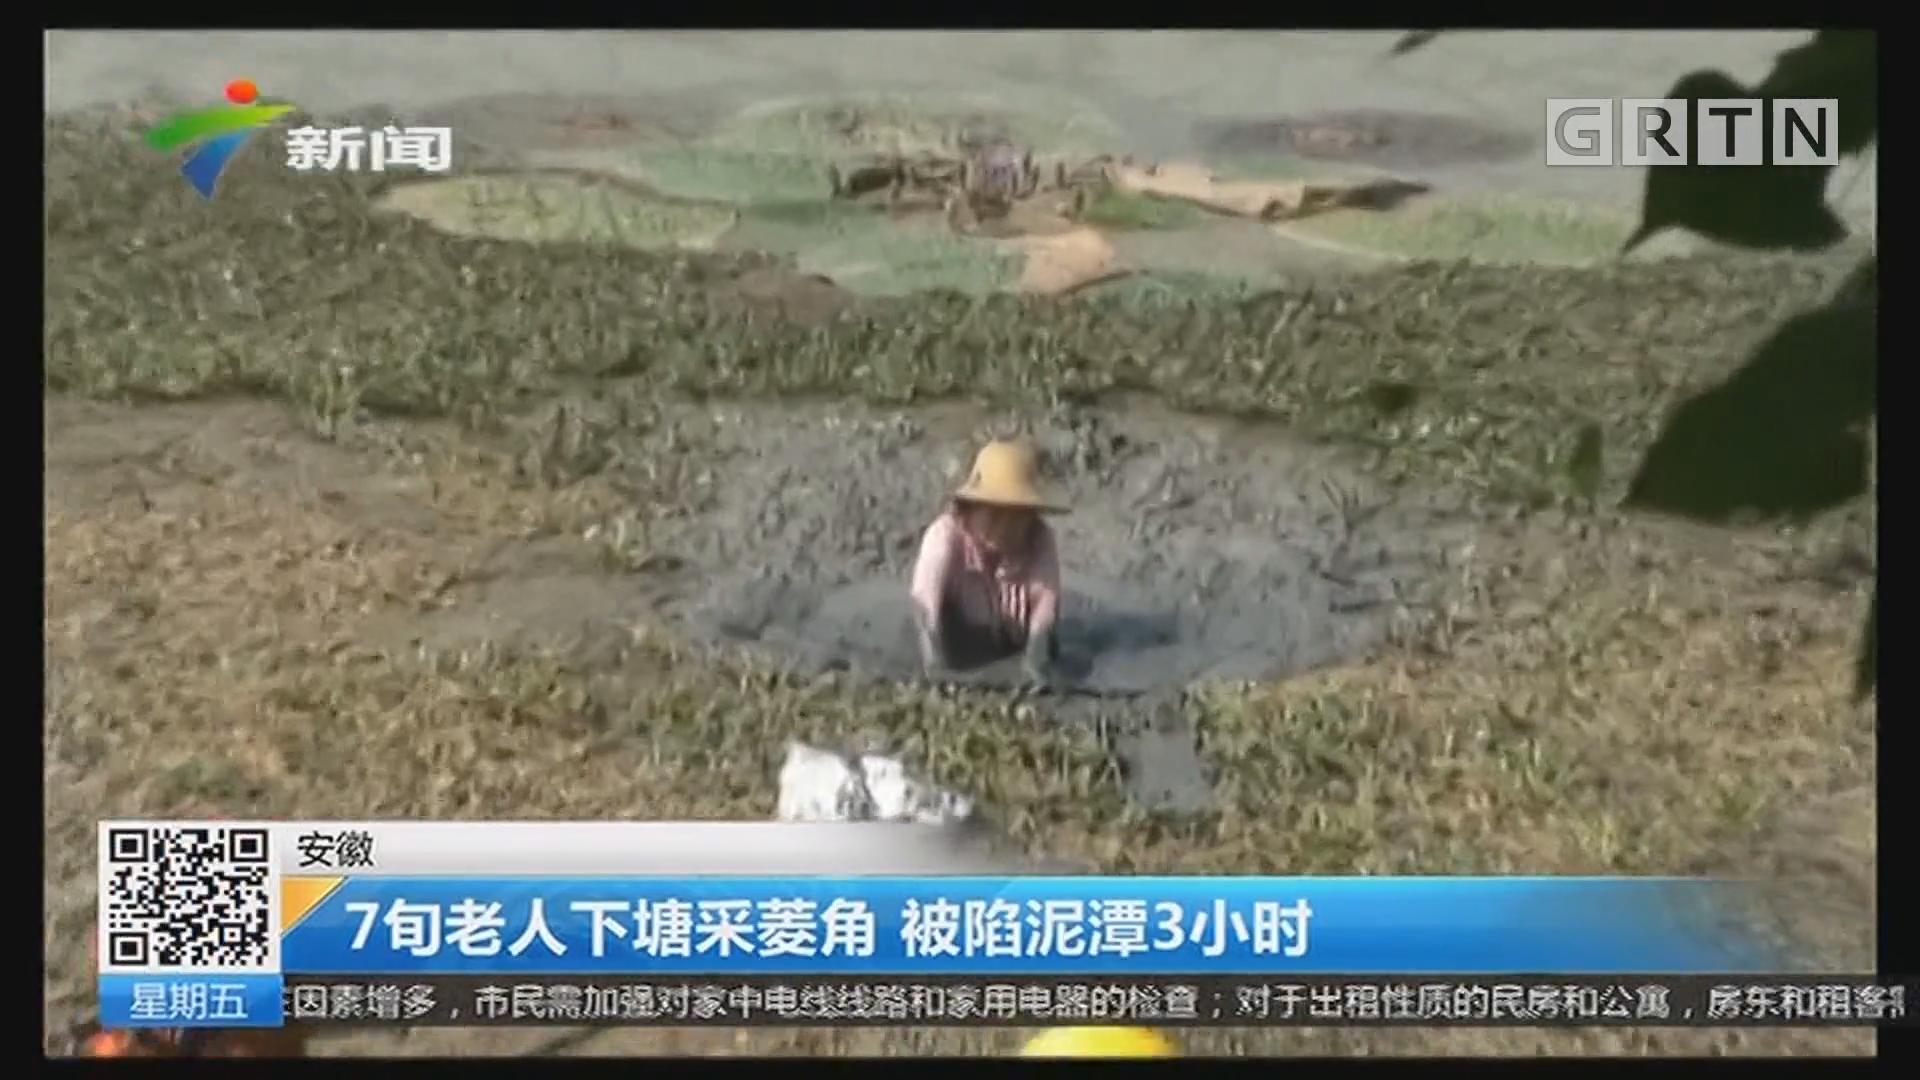 安徽:7旬老人下塘采菱角 被陷泥潭3小时